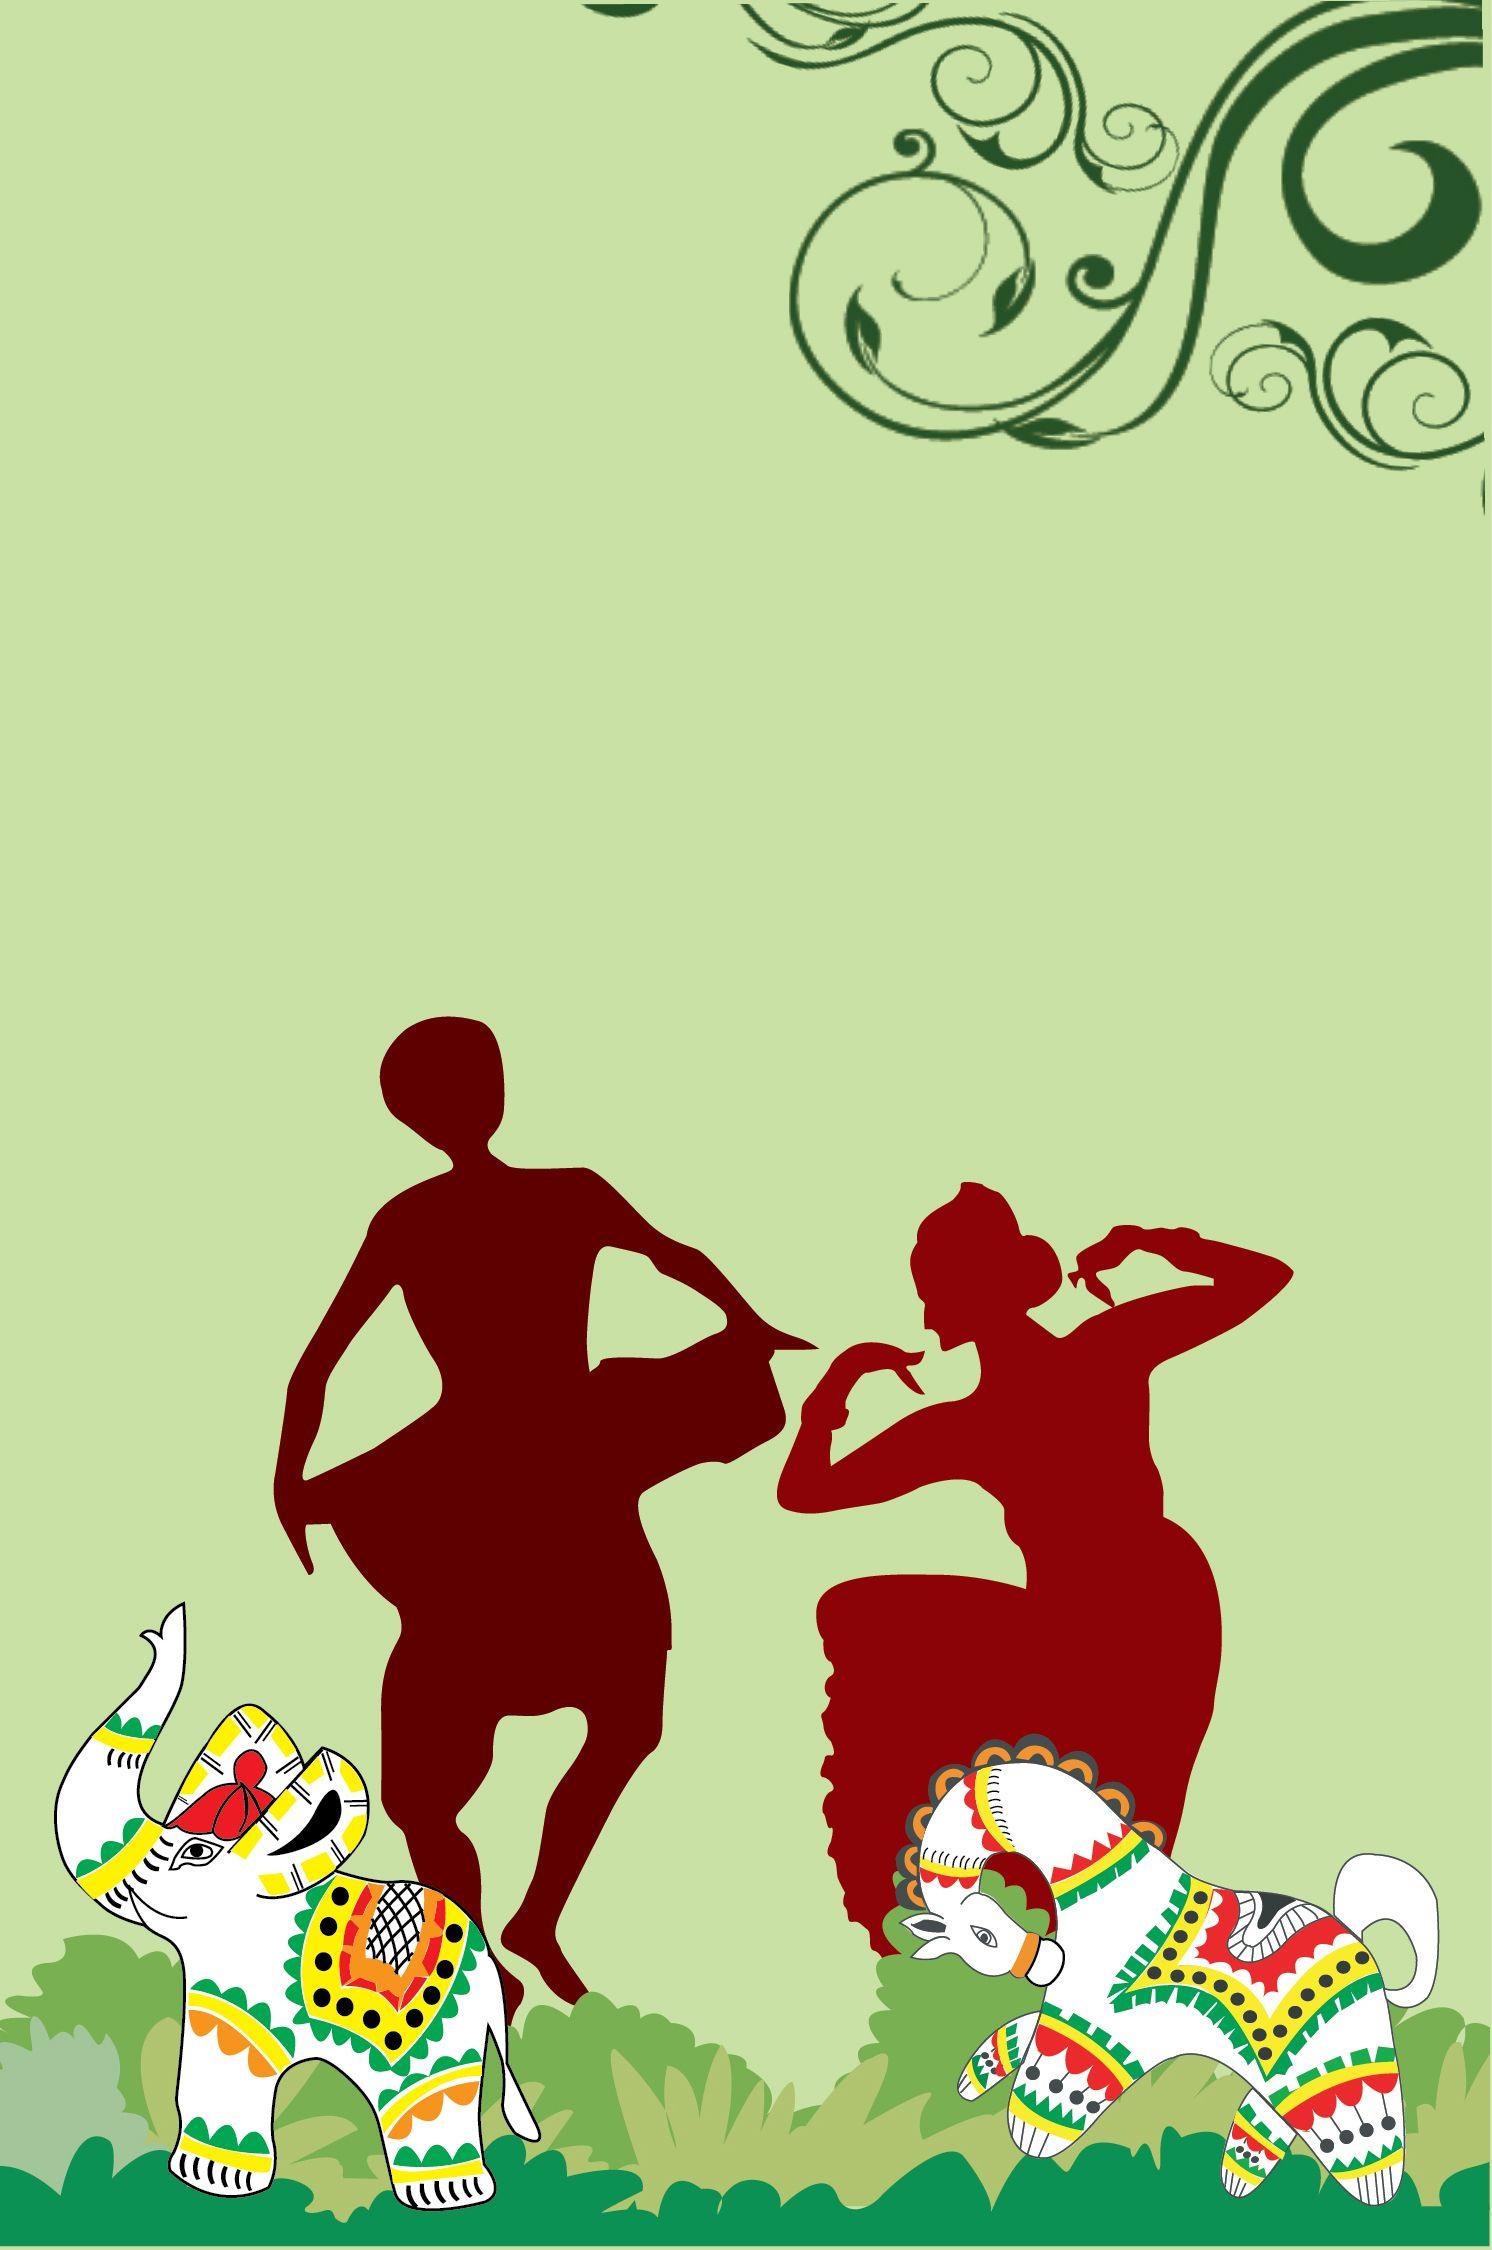 Pohela boishakh 1423 shubho nobo borsho pohela boishakh 1423 greeting cardsbengali new year pohela boishakh greetings 1423 bengali new year greetings poila boisakh cards images pohela m4hsunfo